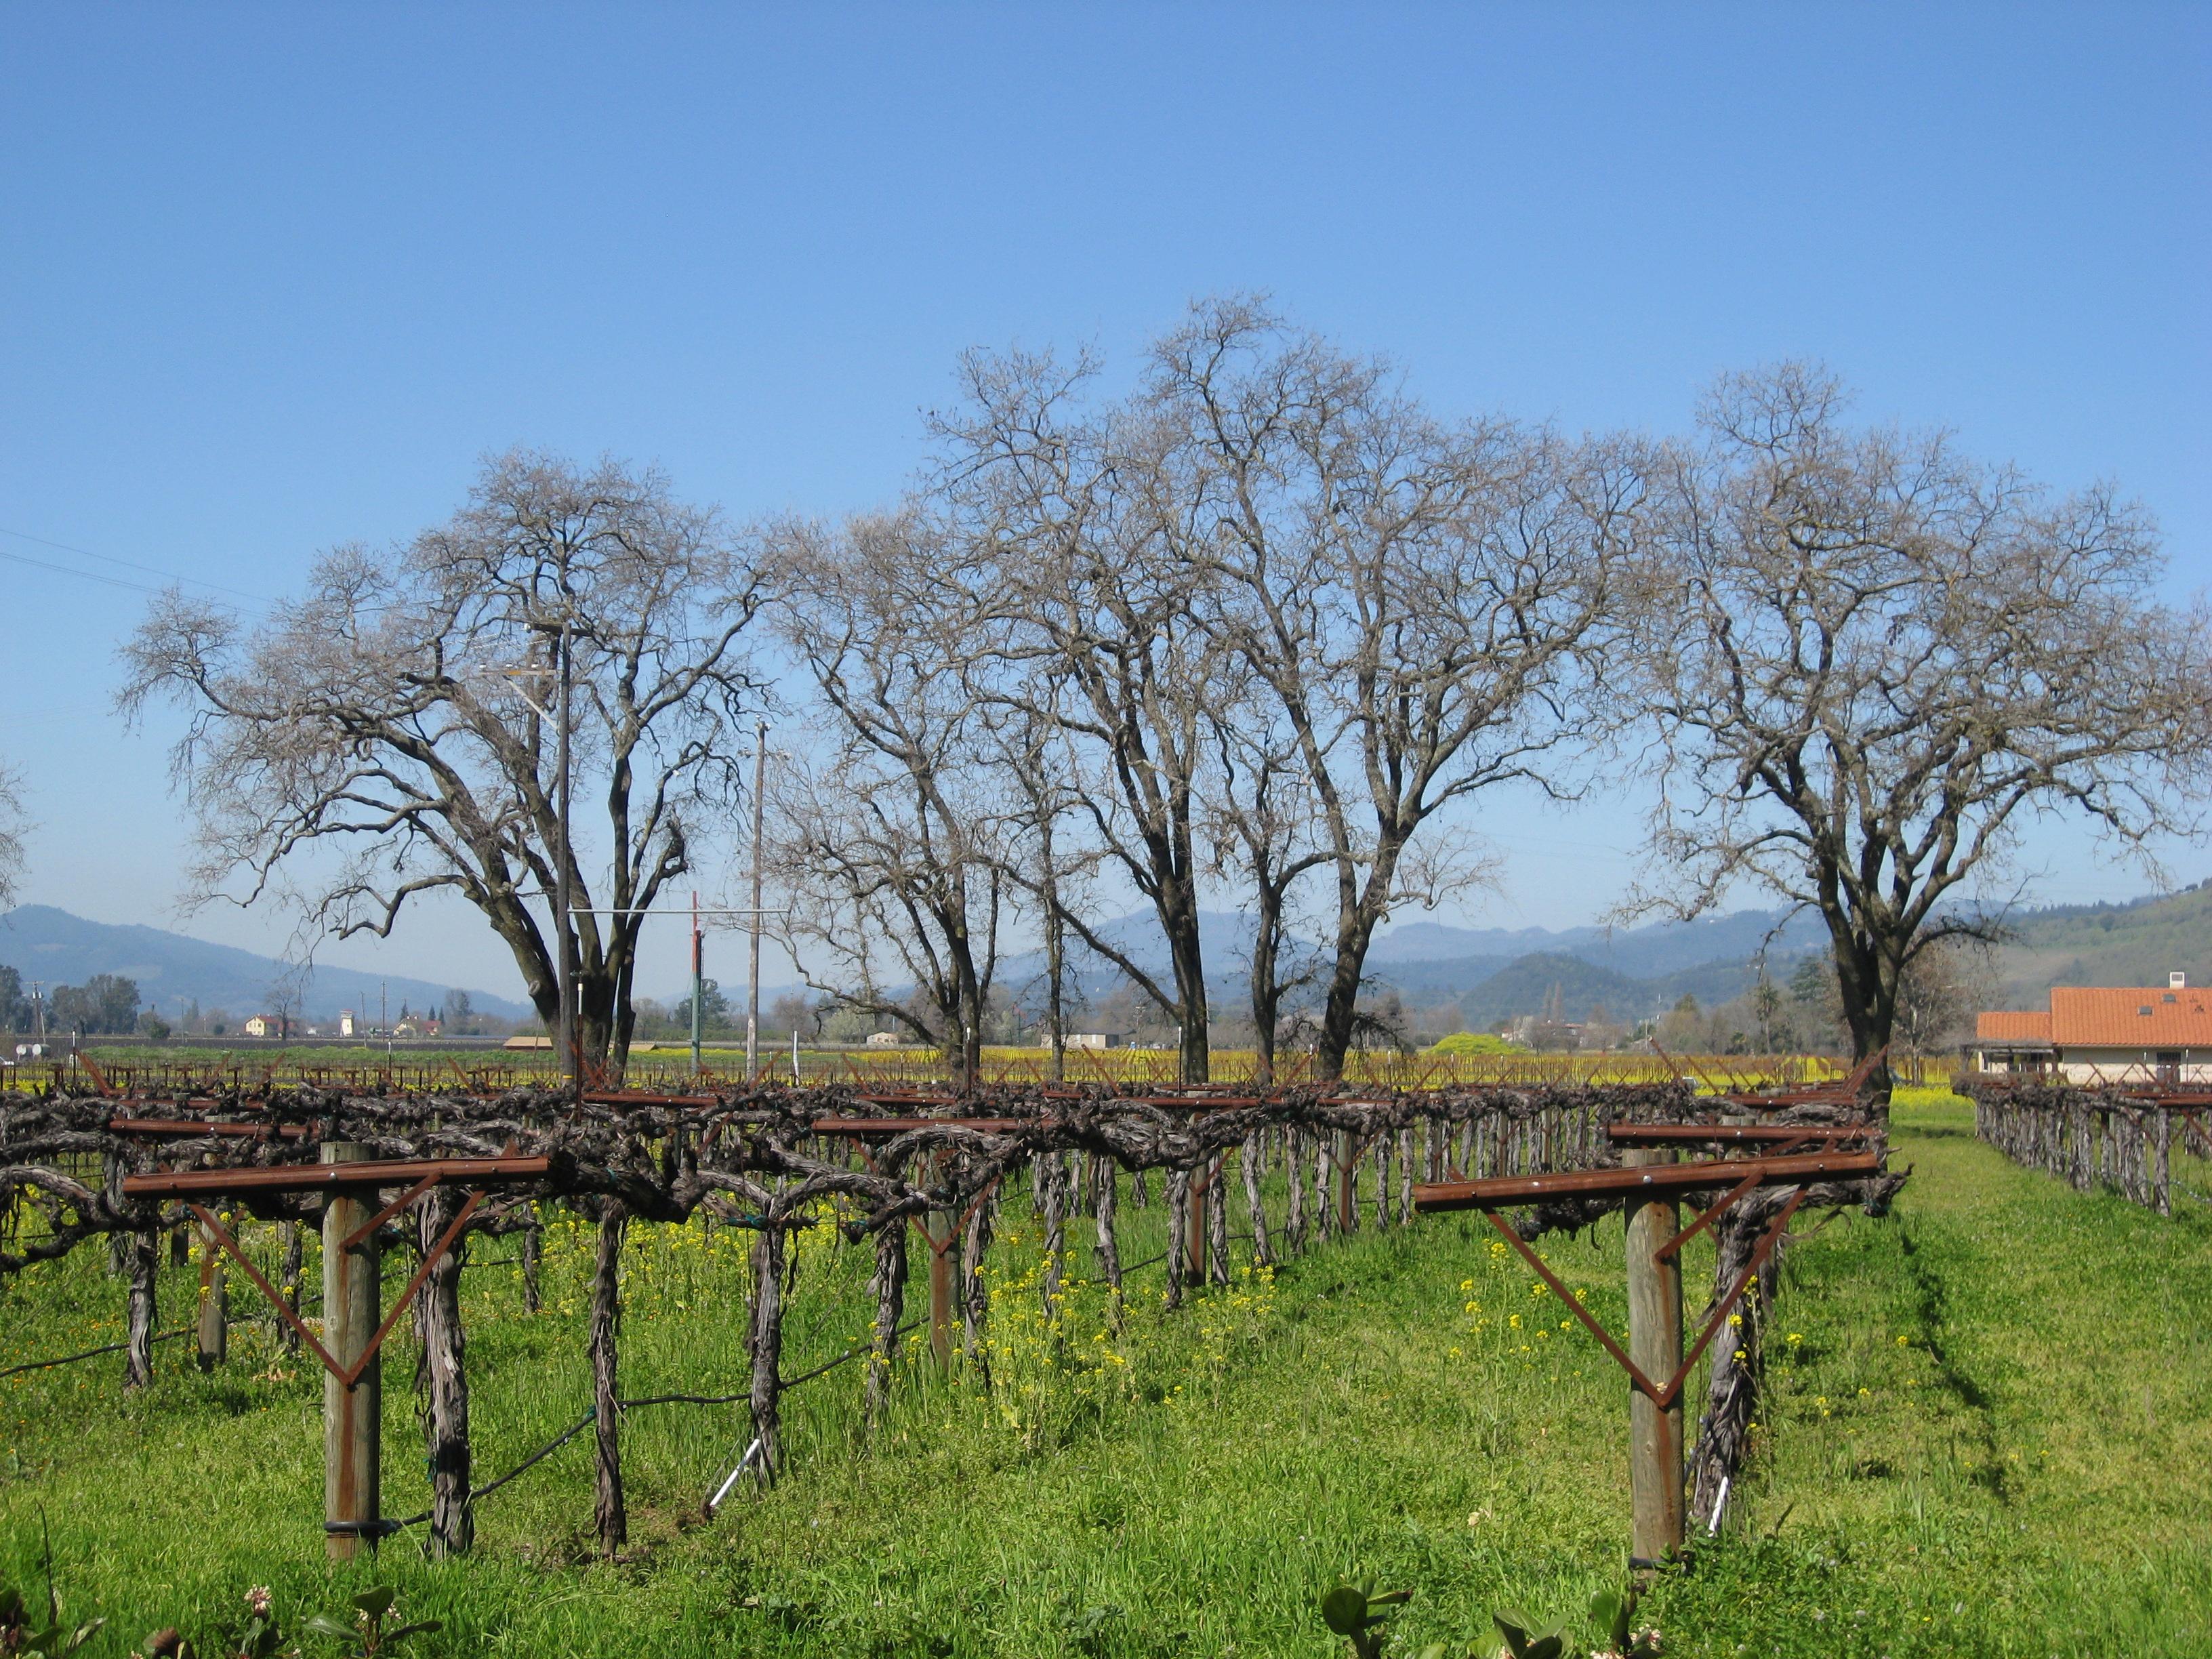 Vineyards of Mendocino